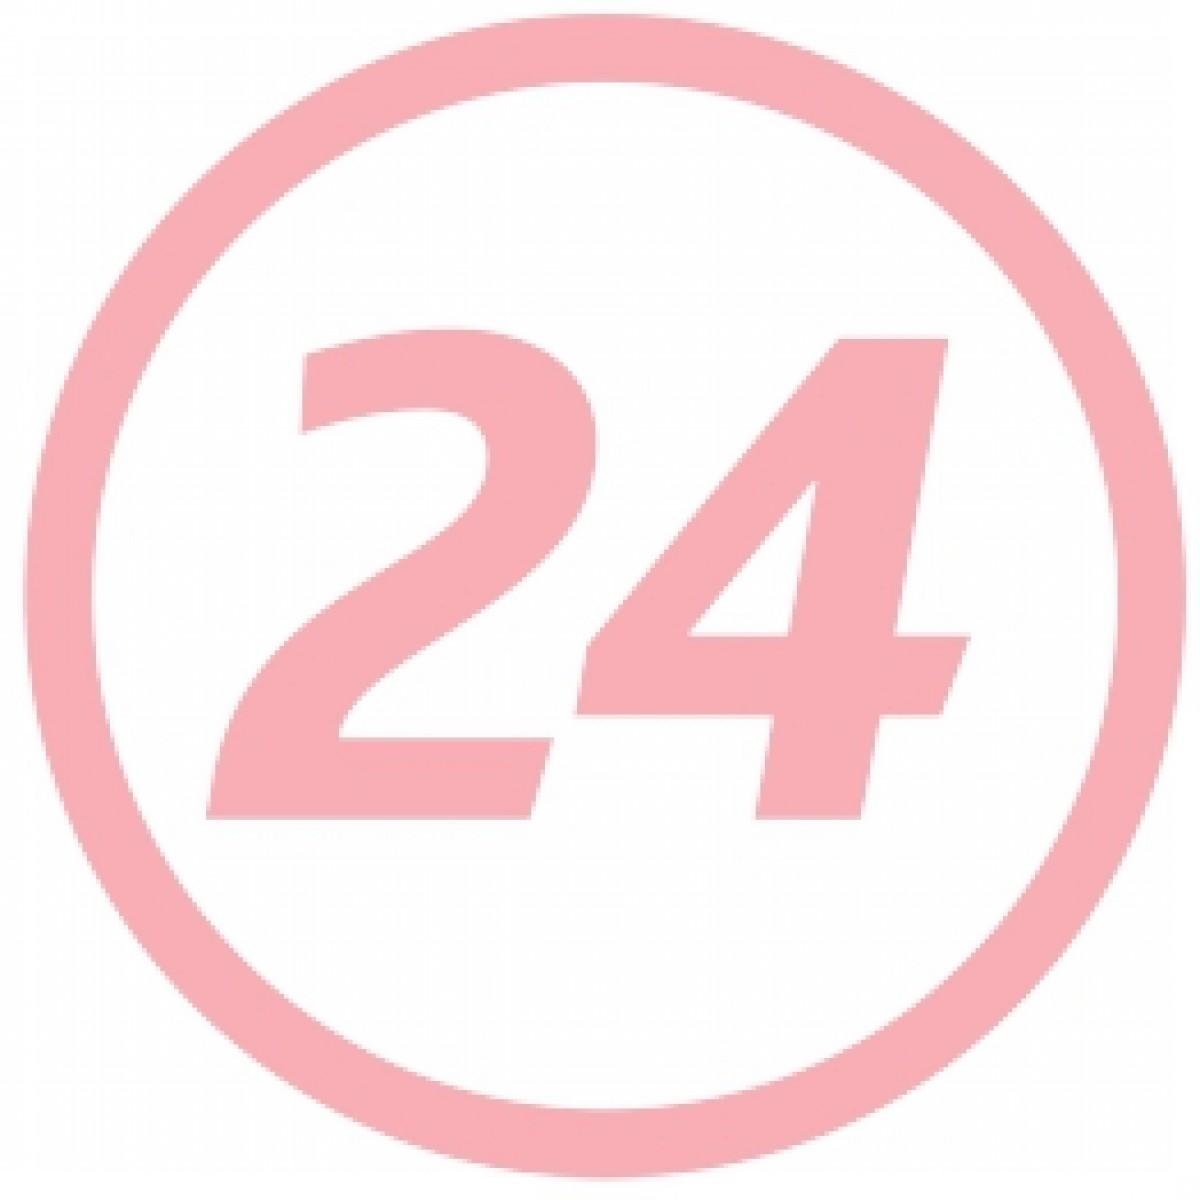 Elmiplant  Skin Defence Crema Antirid De Zi Pentru Ten Uscat/Sensibil, Crema, 50ml